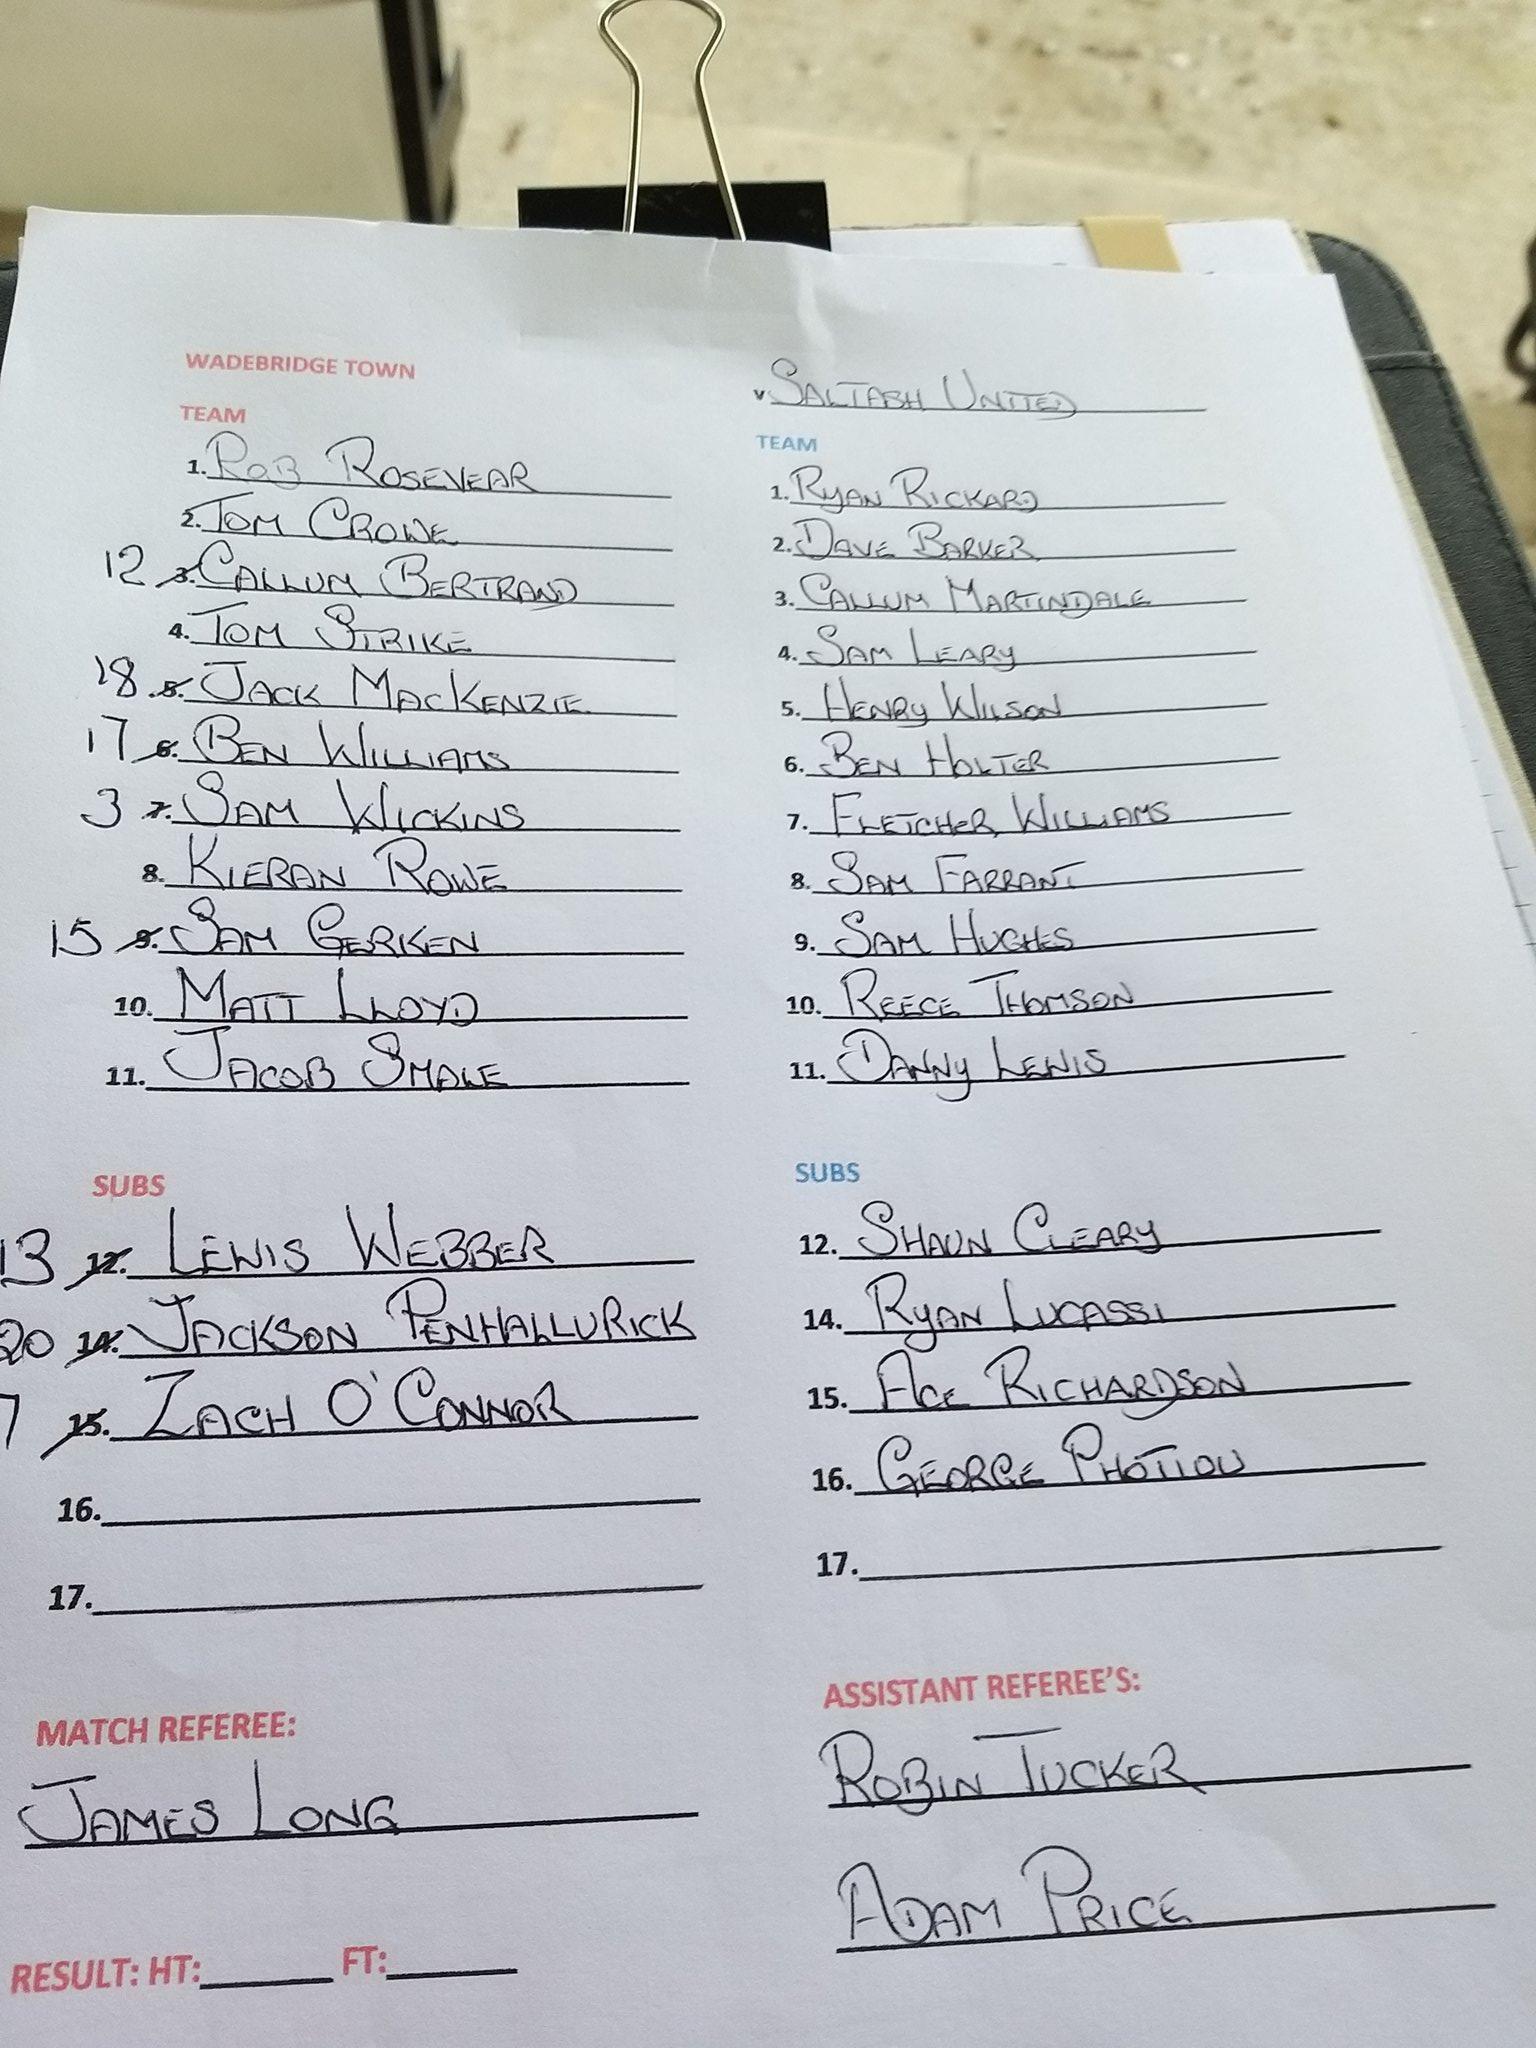 Matchday Squads v Saltash United